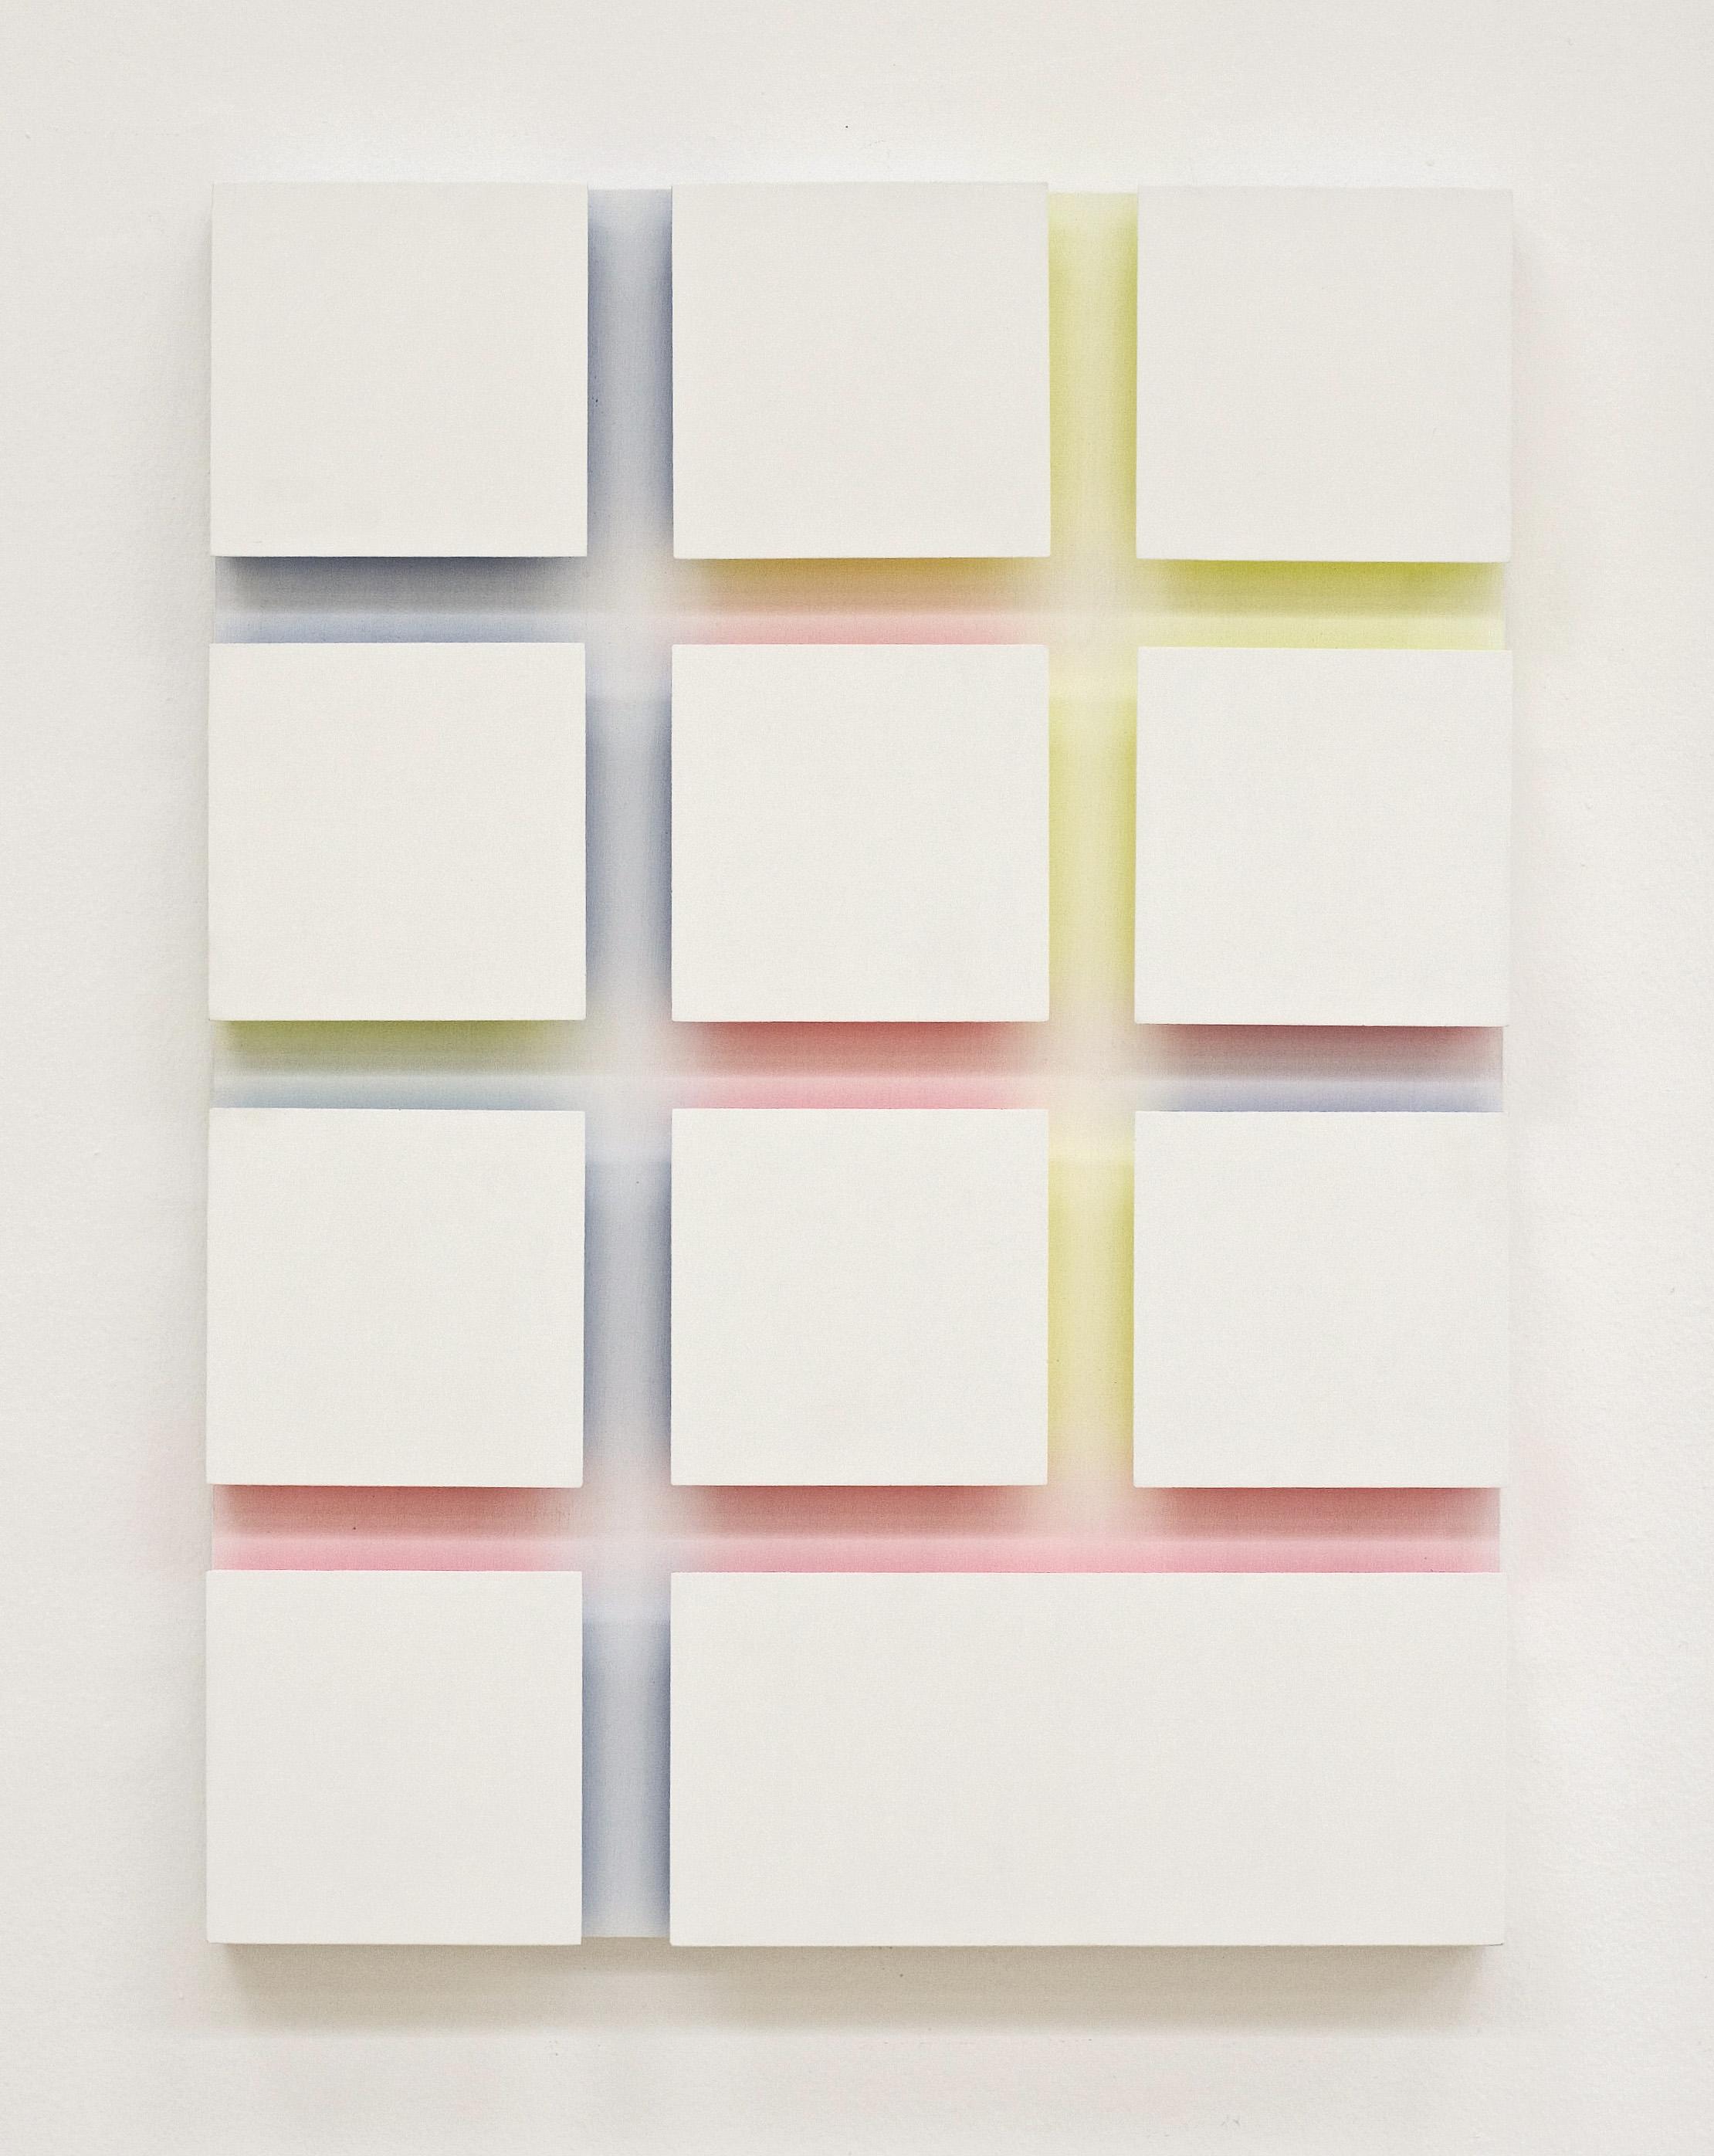 akril, les, 100 x 75cm, 2005